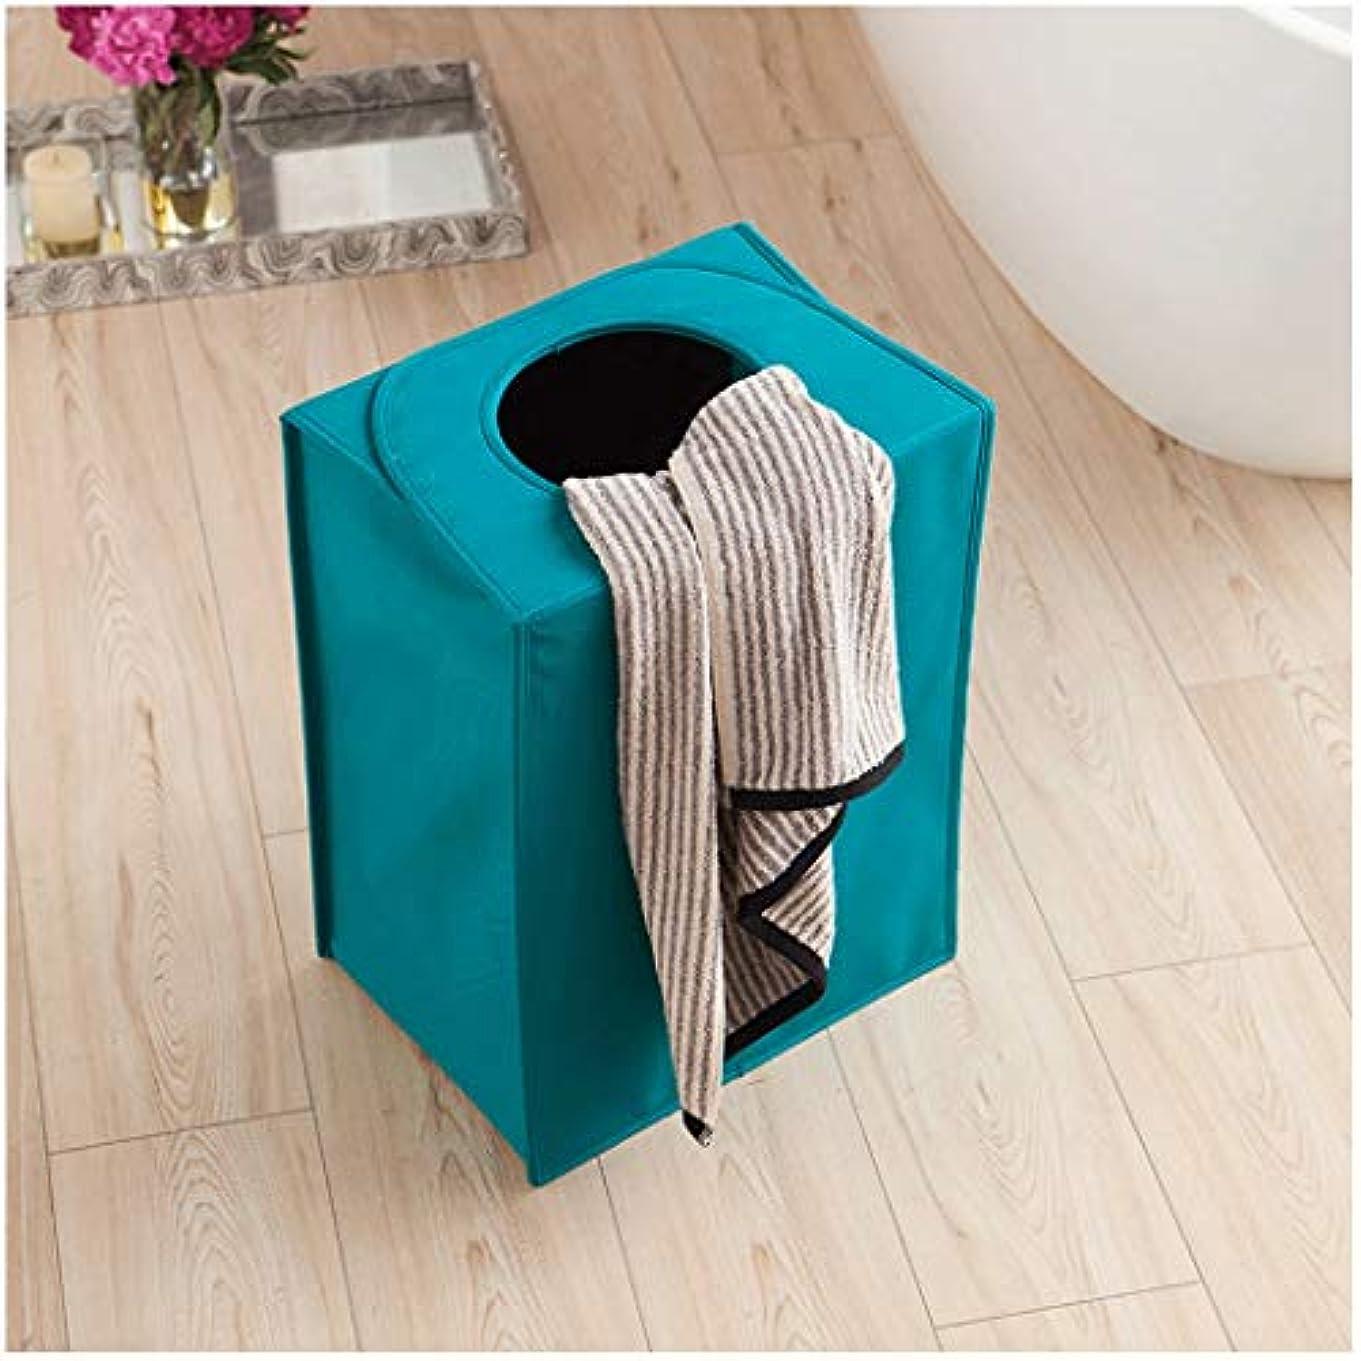 バージン実行するヒント折りたたみ式ダンパー汚れた服収納オックスフォード布でカバー大家庭用布30 * 40 * 53 cm (色 : 青)